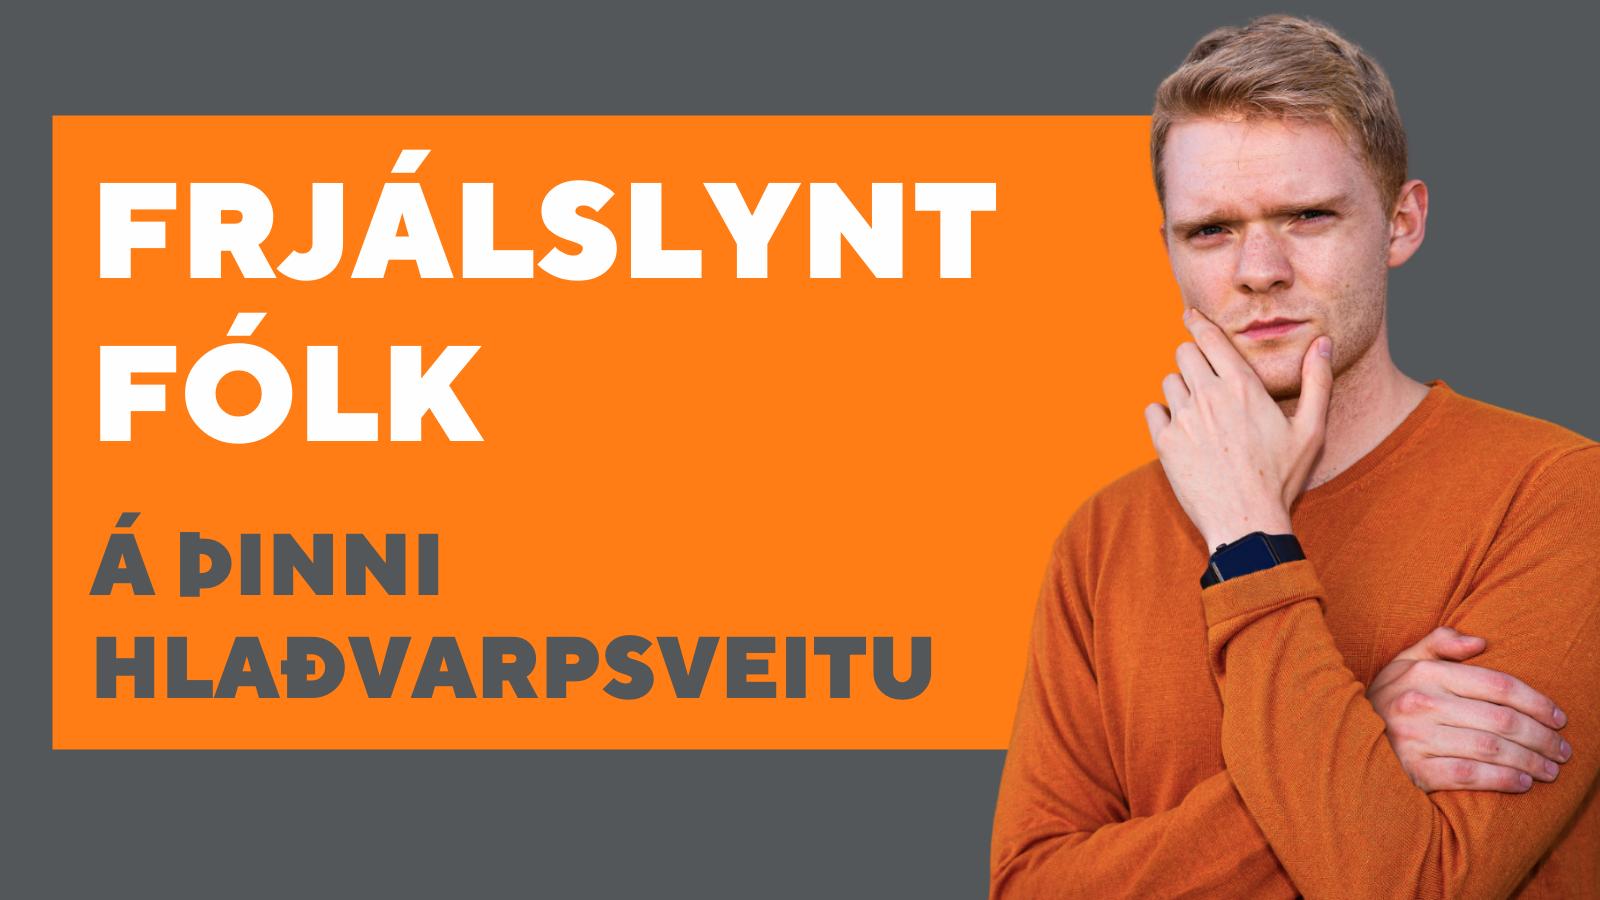 Frjálslynt fólk hlaðvarp Geir Finnsson